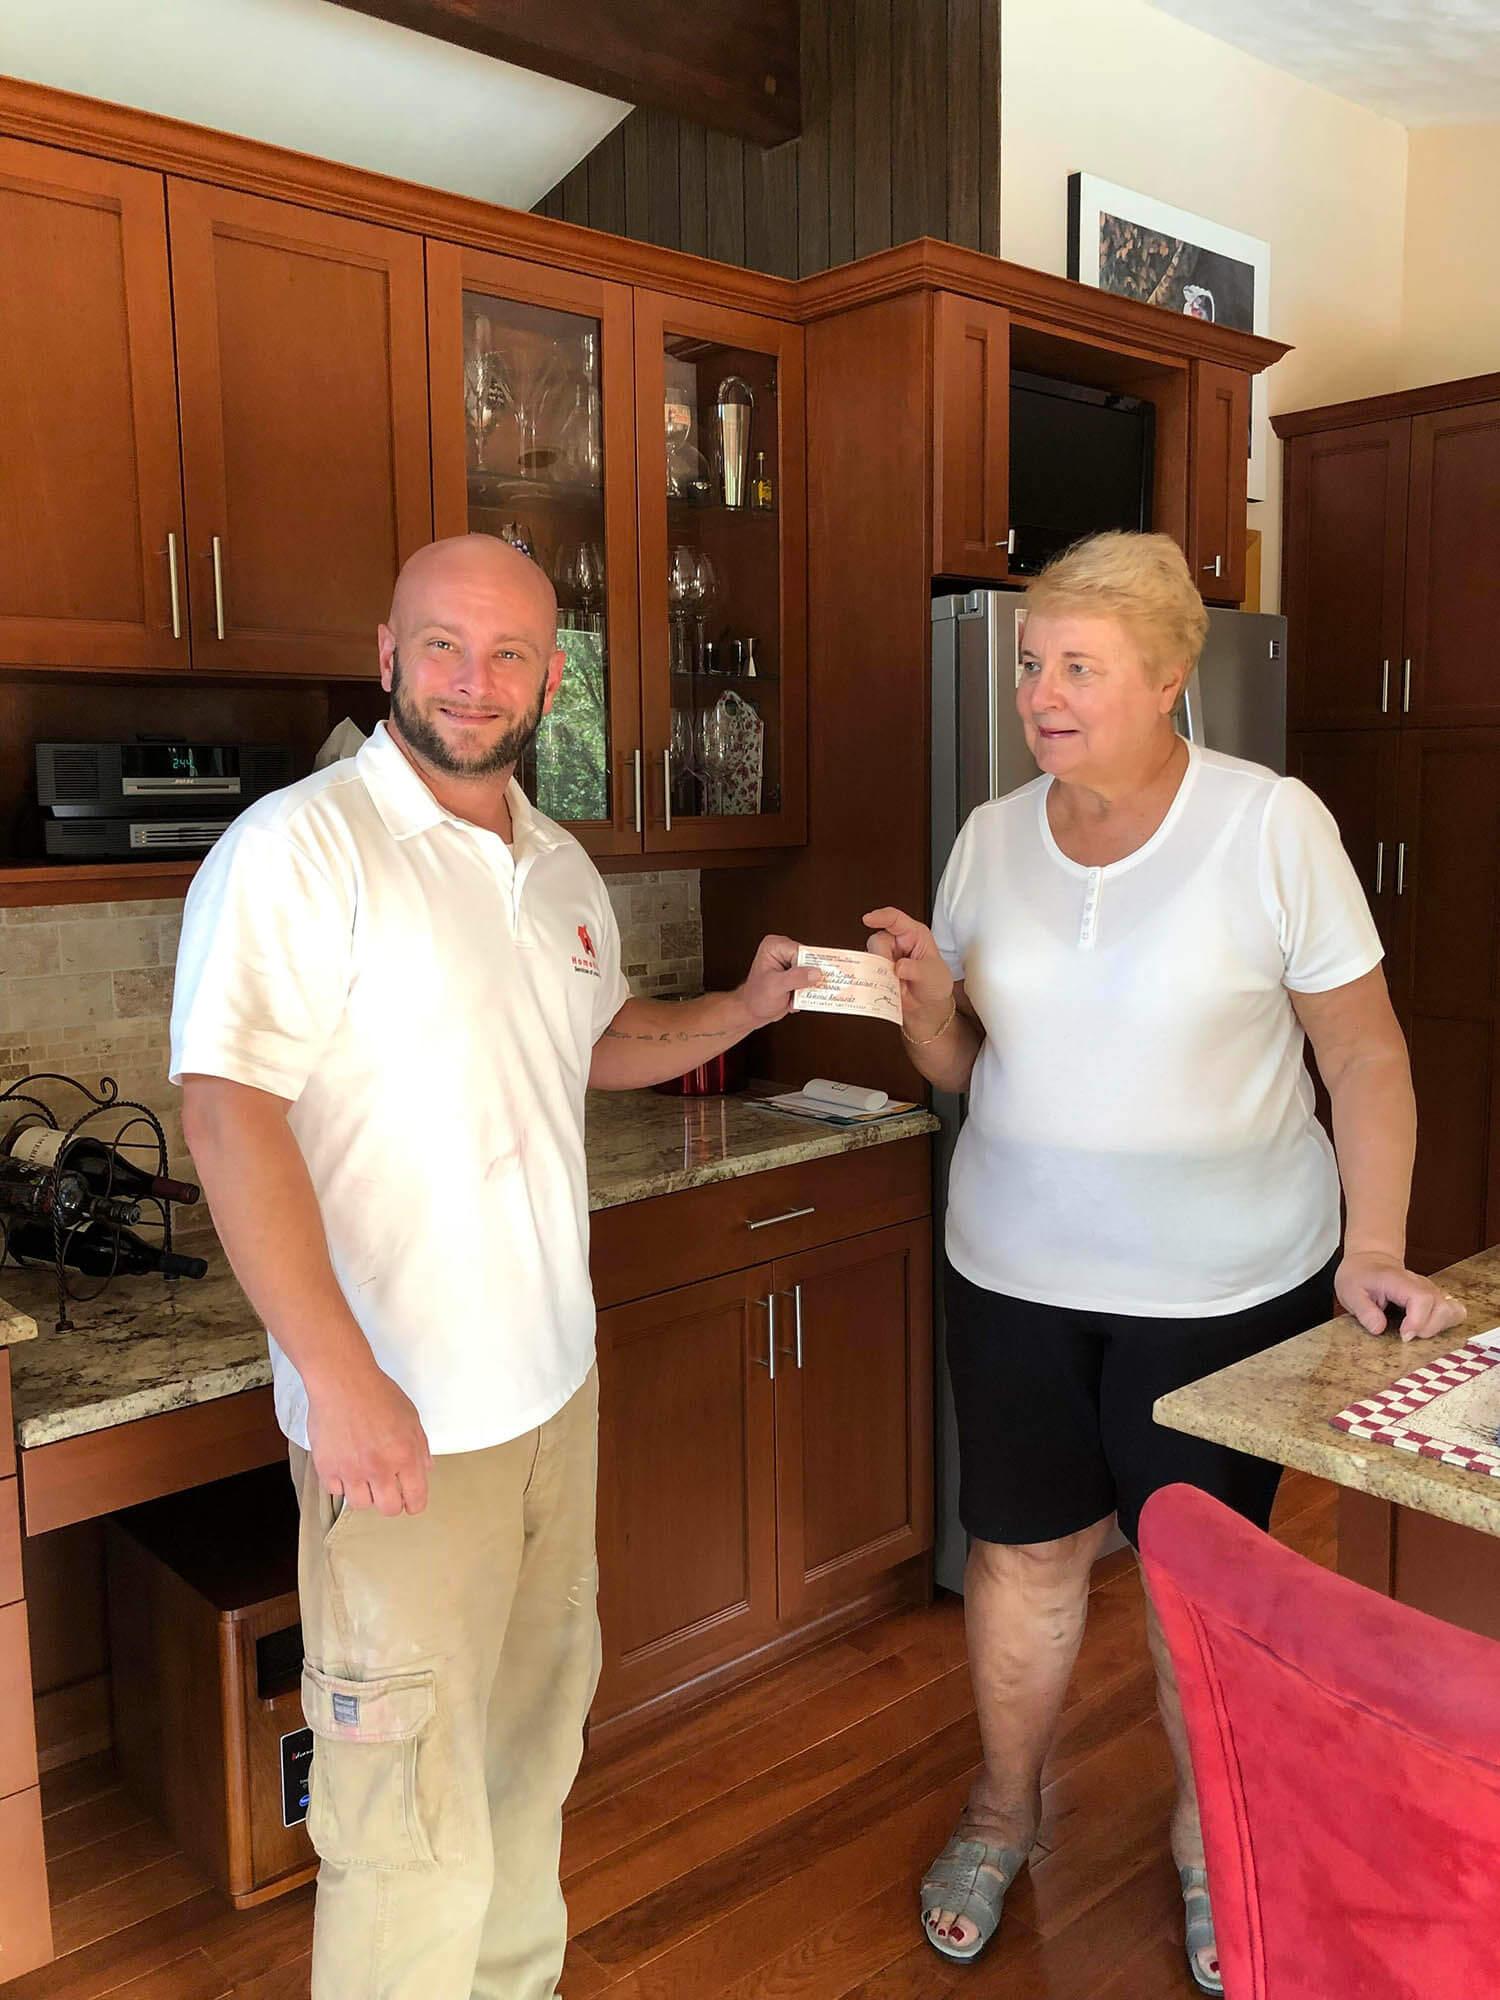 Home Repair, LLC Representative with Property Owner